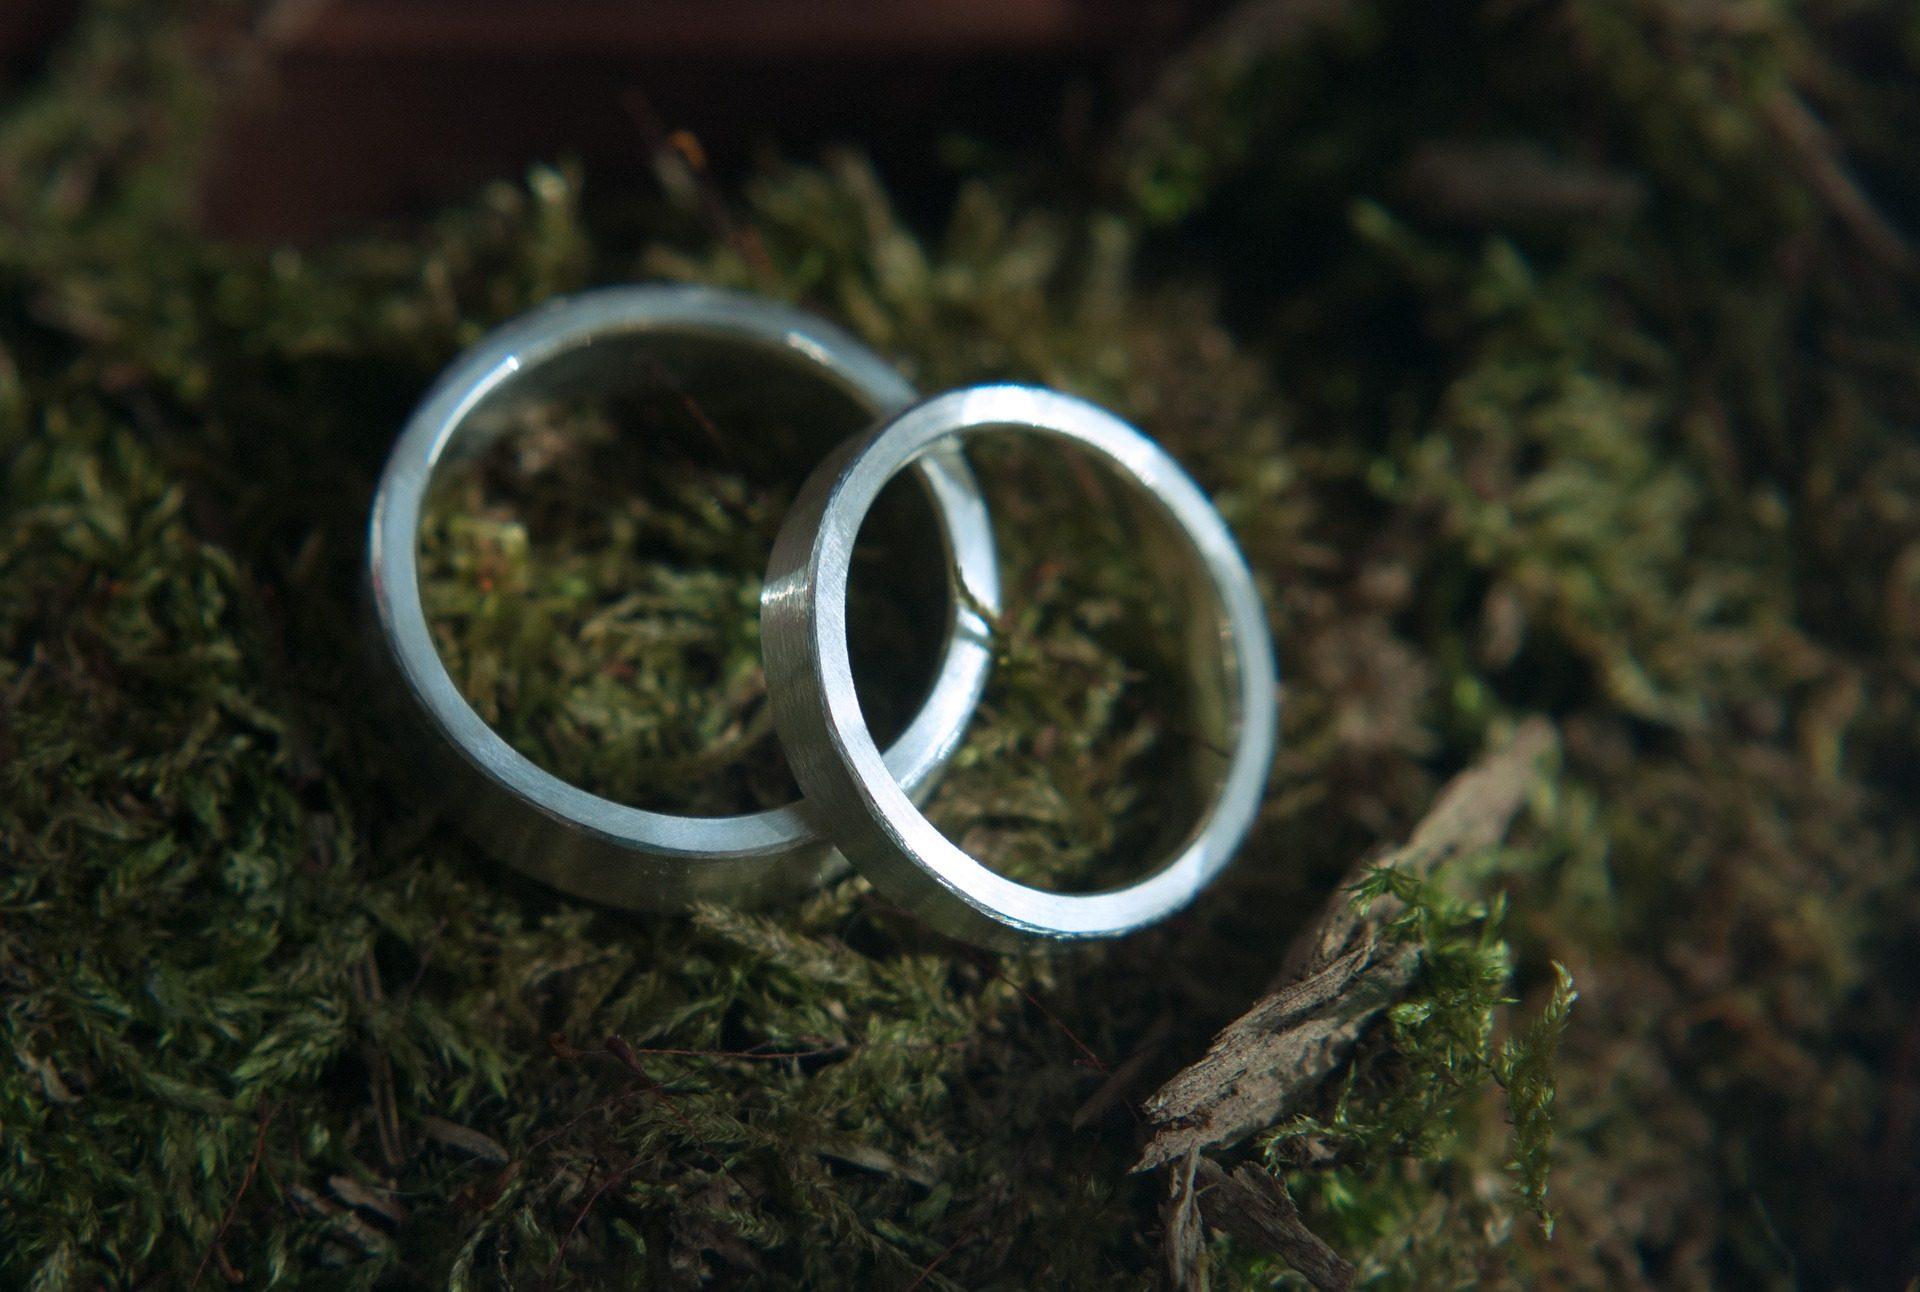 δαχτυλίδια, συμμαχίες, υπόσχεση, Αγάπη, σύνδεση, γρασίδι - Wallpapers HD - Professor-falken.com